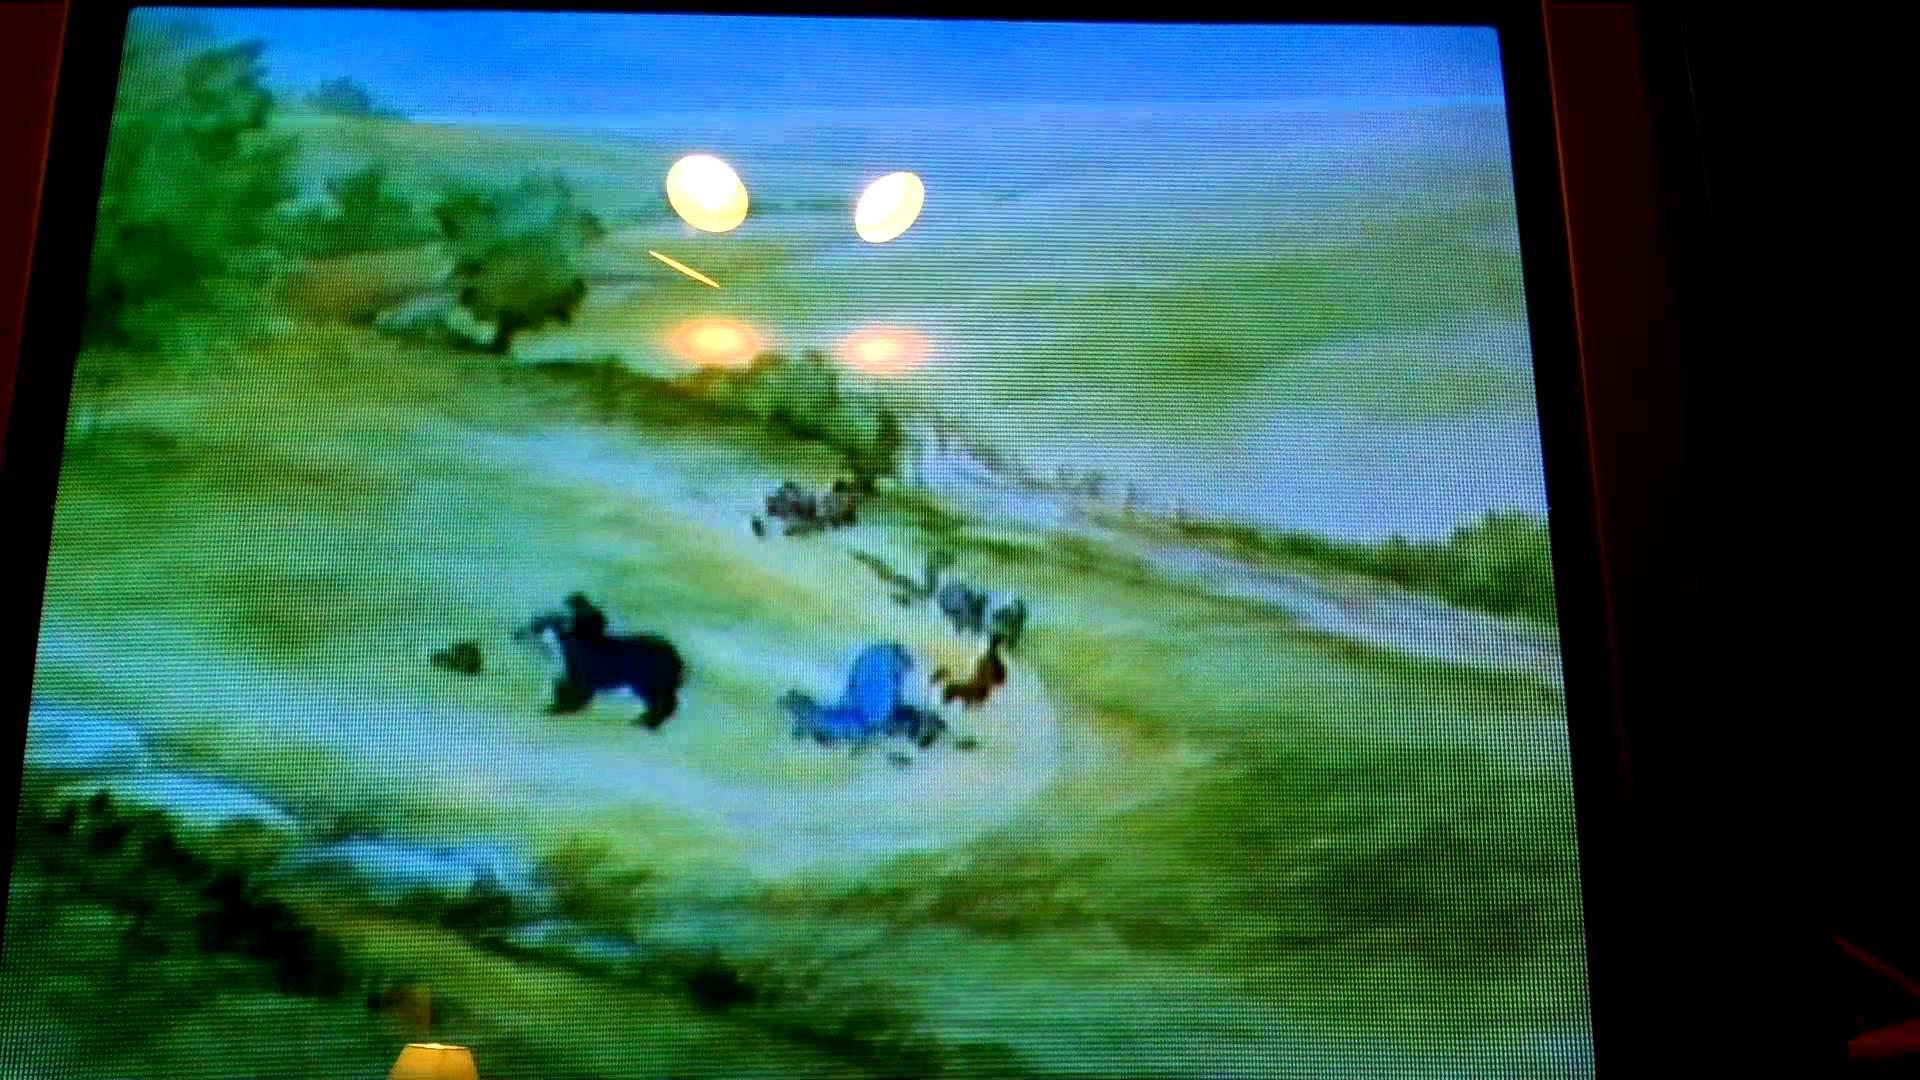 opening to garfield u0026 39 s feline fantasies 1998 vhs  fake